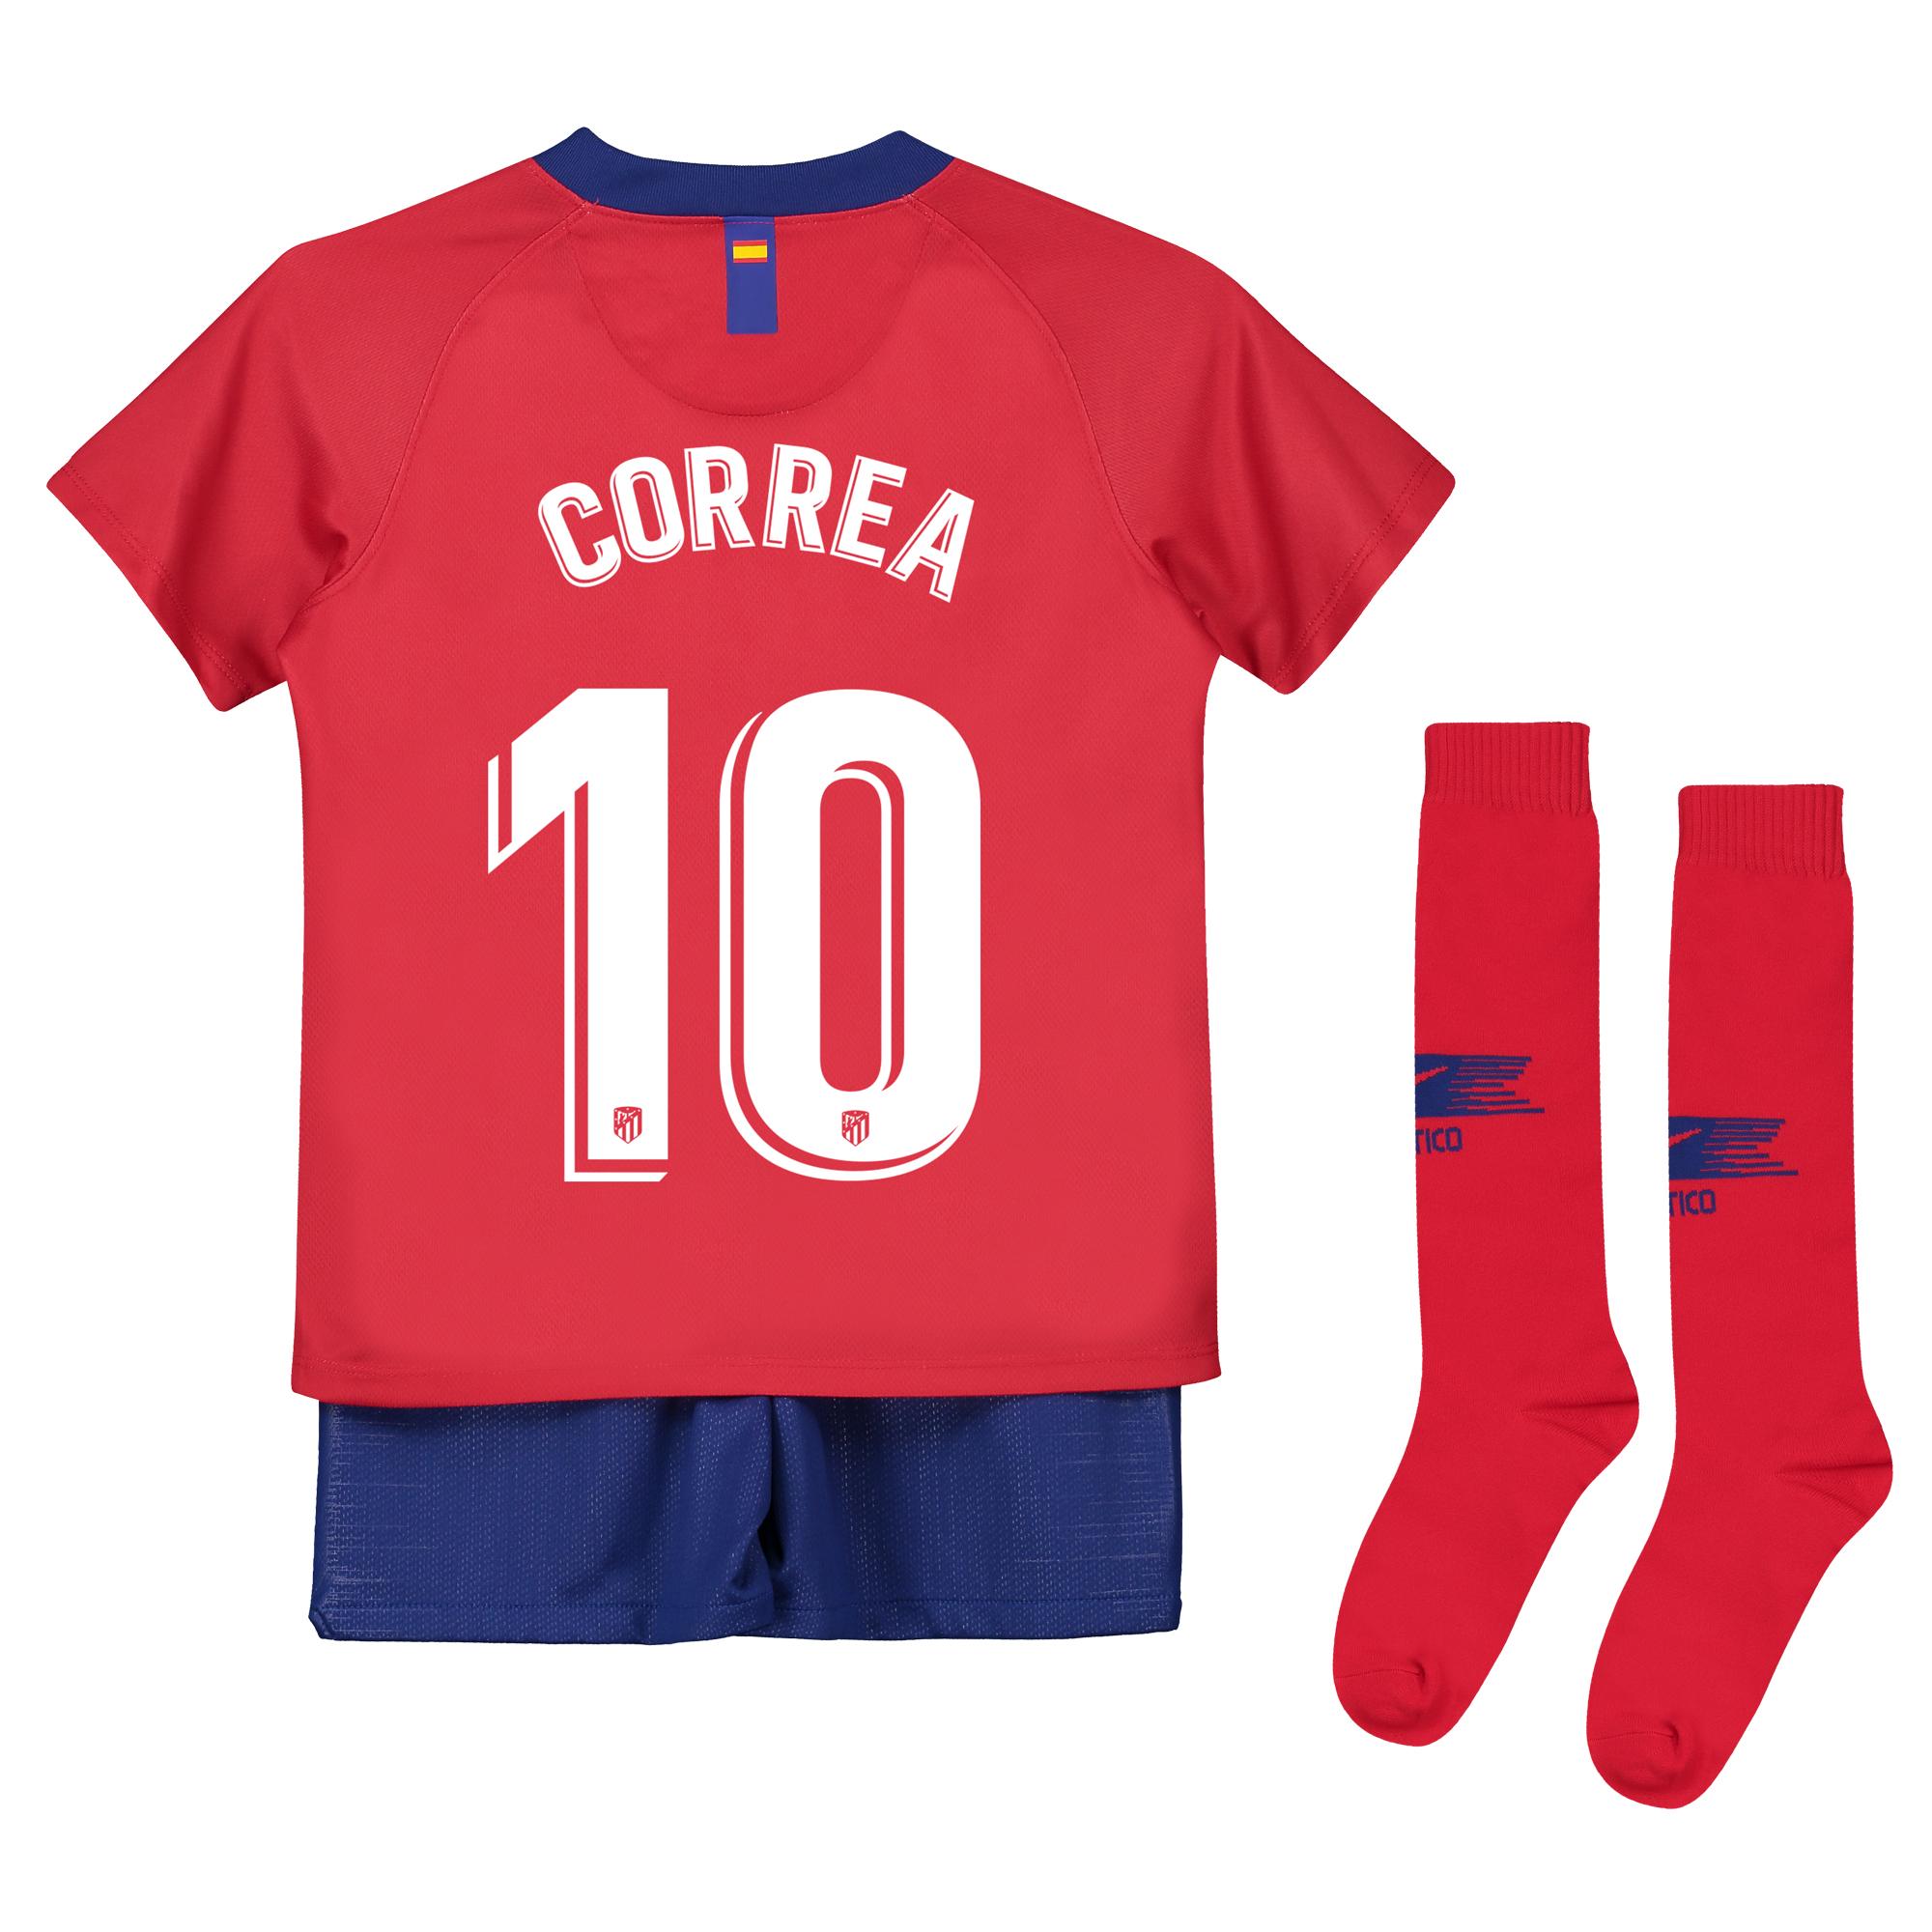 Conjunto de la 1ª equipación Stadium del Atlético de Madrid 2018-19 - Niño pequeño dorsal Correa 10